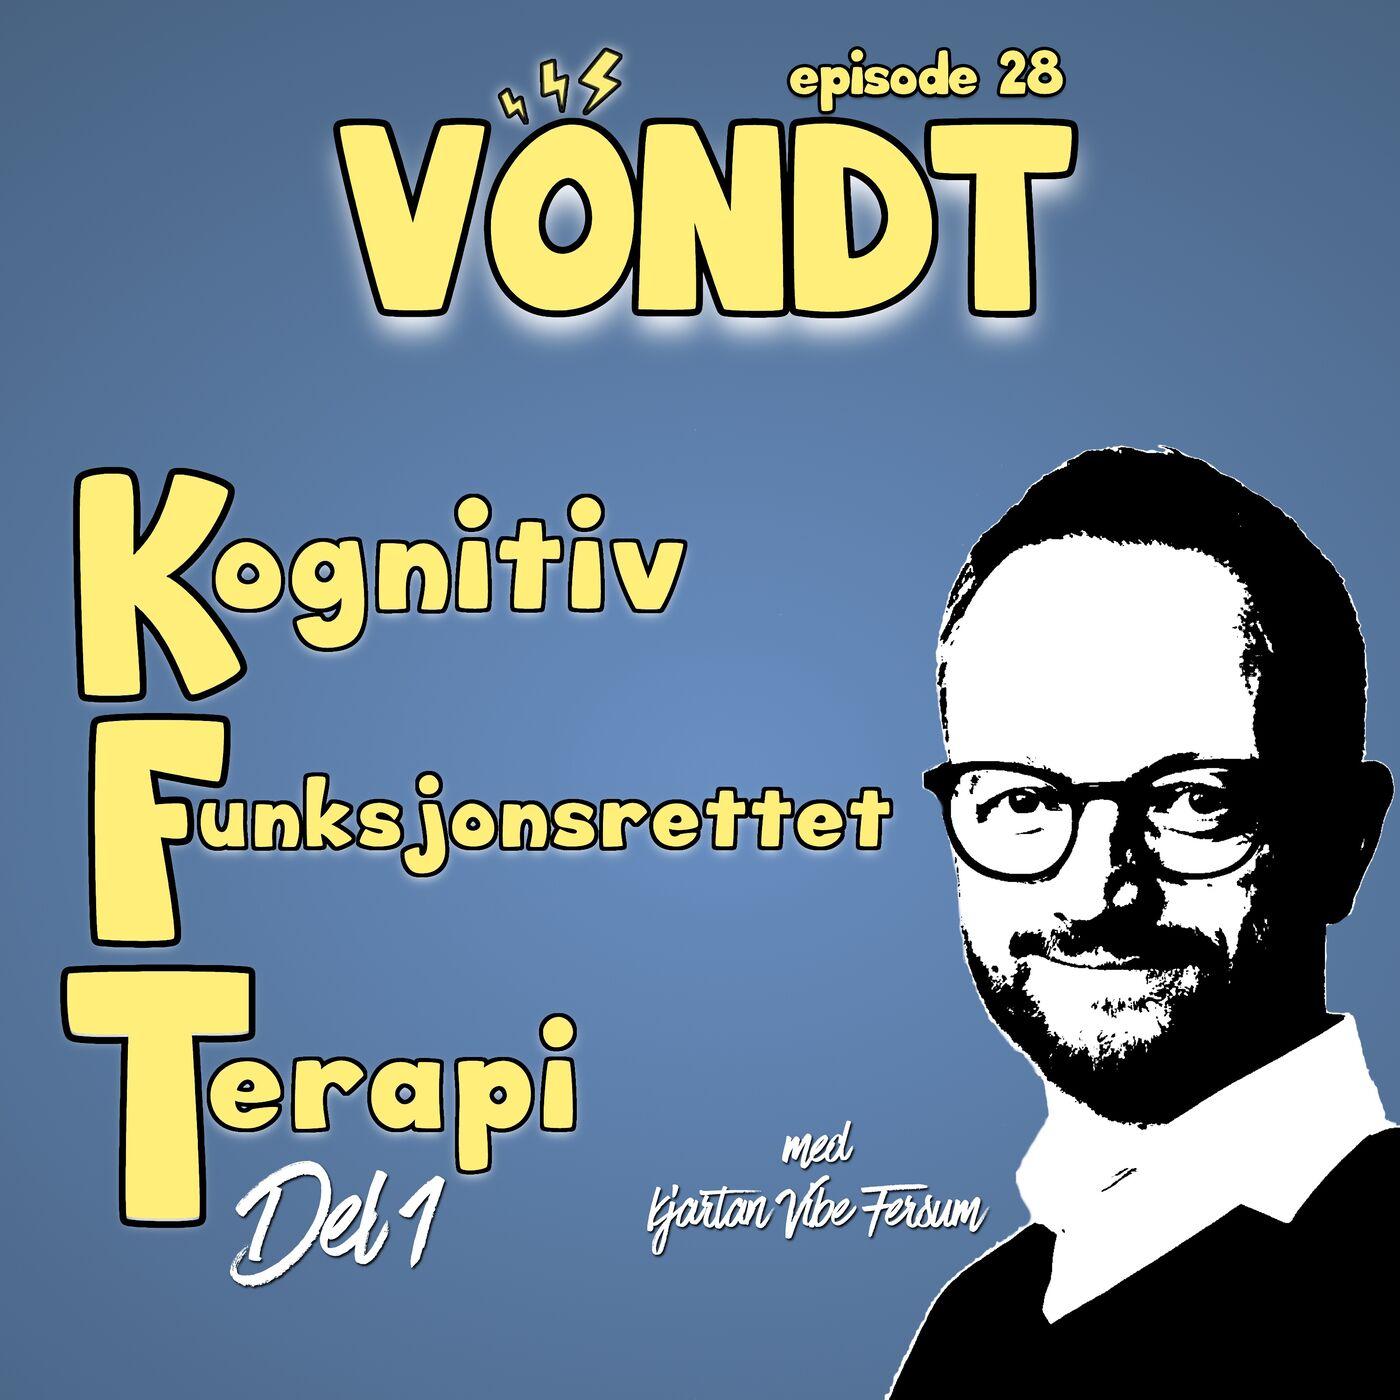 EP 28: Kognitiv Funksjonsrettet Terapi m/ Kjartan Vibe Fersum - Del 1 av 2